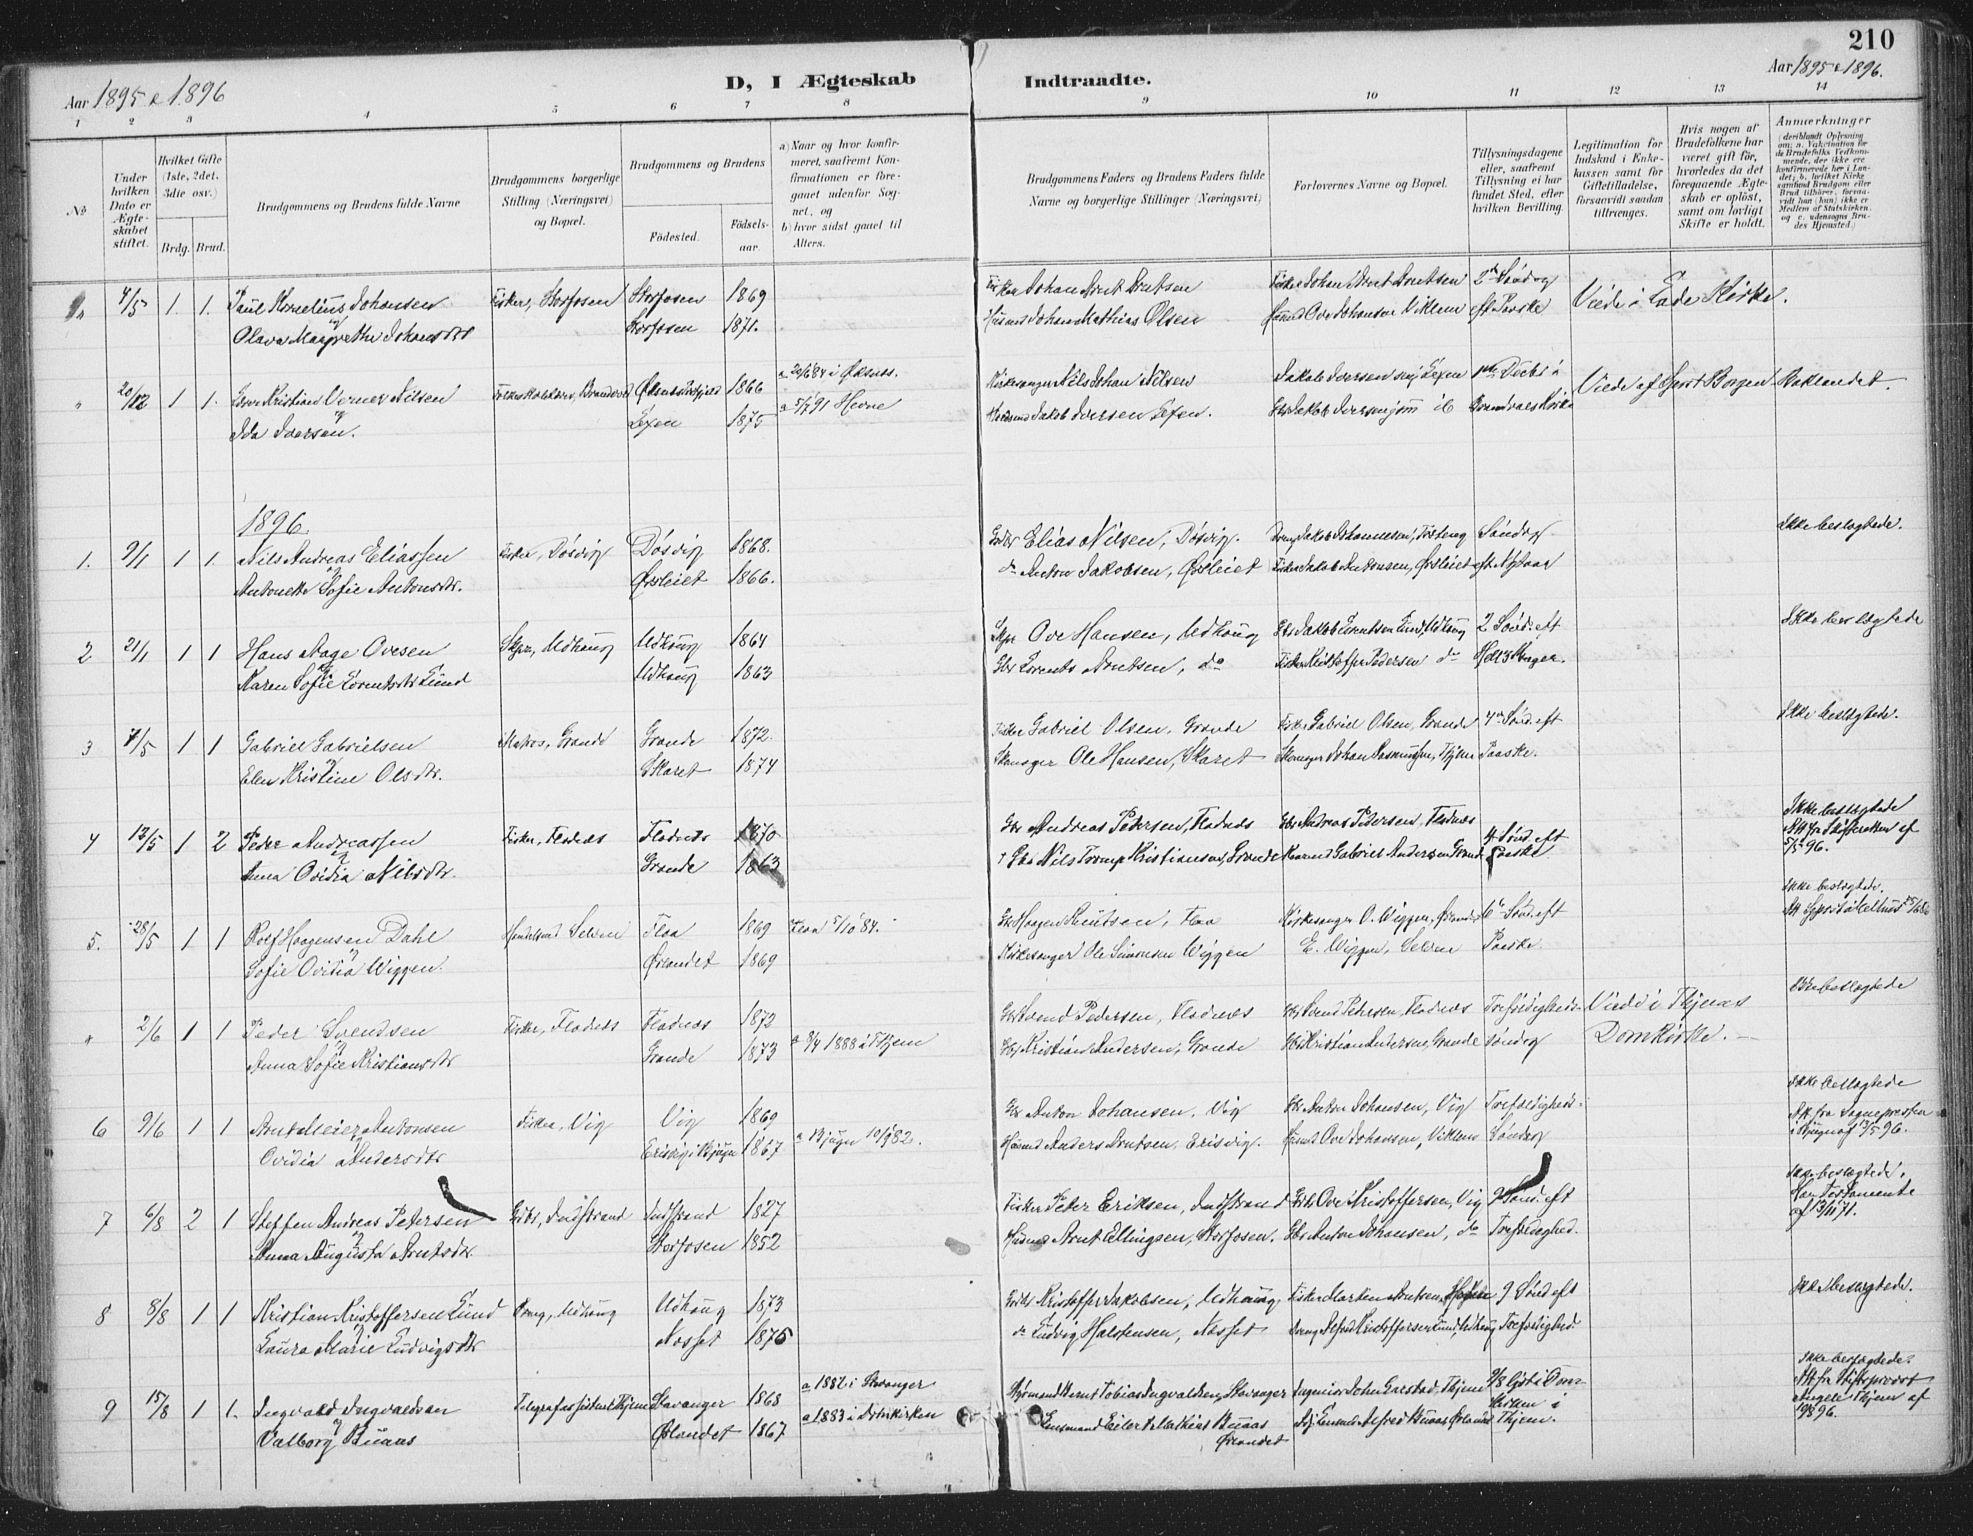 SAT, Ministerialprotokoller, klokkerbøker og fødselsregistre - Sør-Trøndelag, 659/L0743: Ministerialbok nr. 659A13, 1893-1910, s. 210